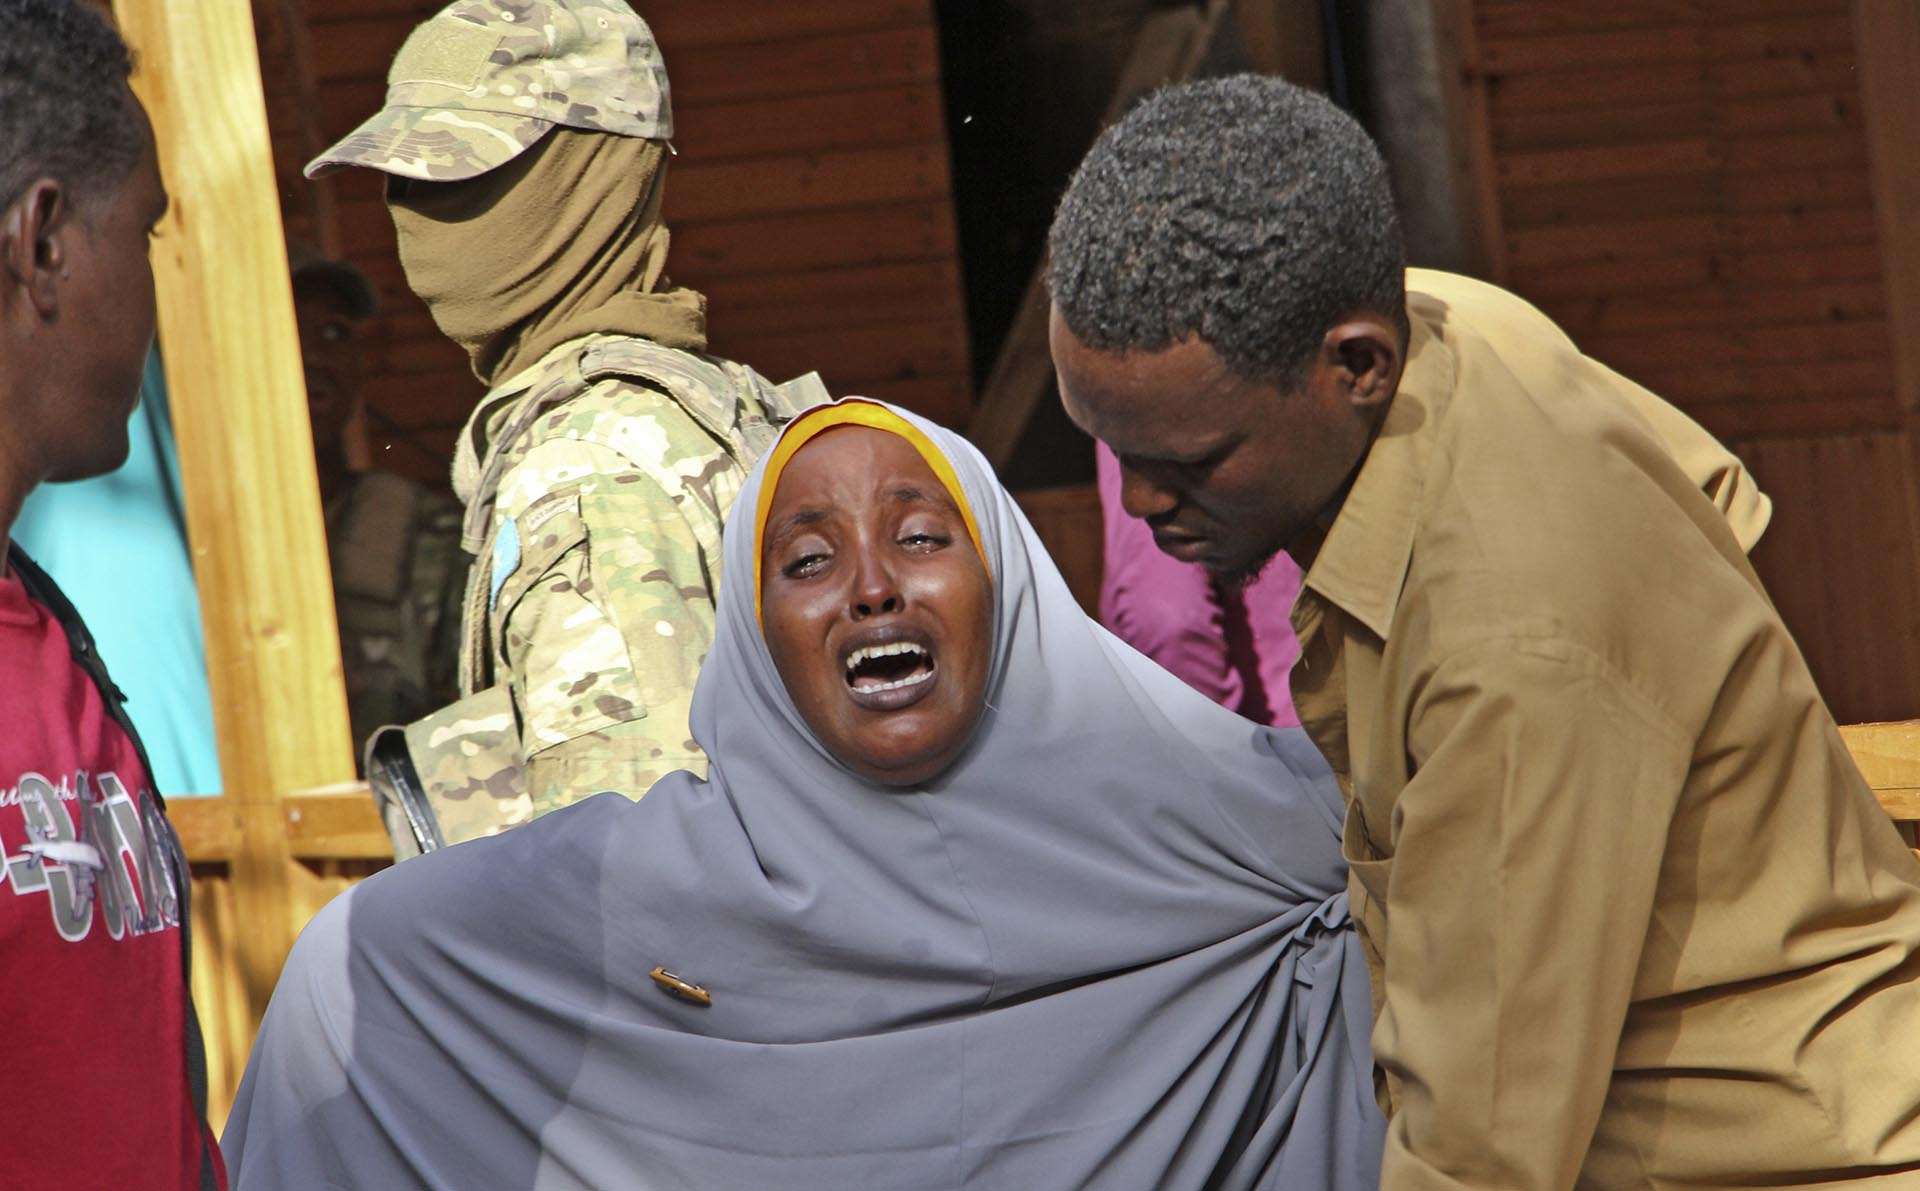 El dolor de una madre cuya hija fue fusilada por terroristas durante una toma de rehenes en un restaurante en Mogadiscio, capital de Somalia